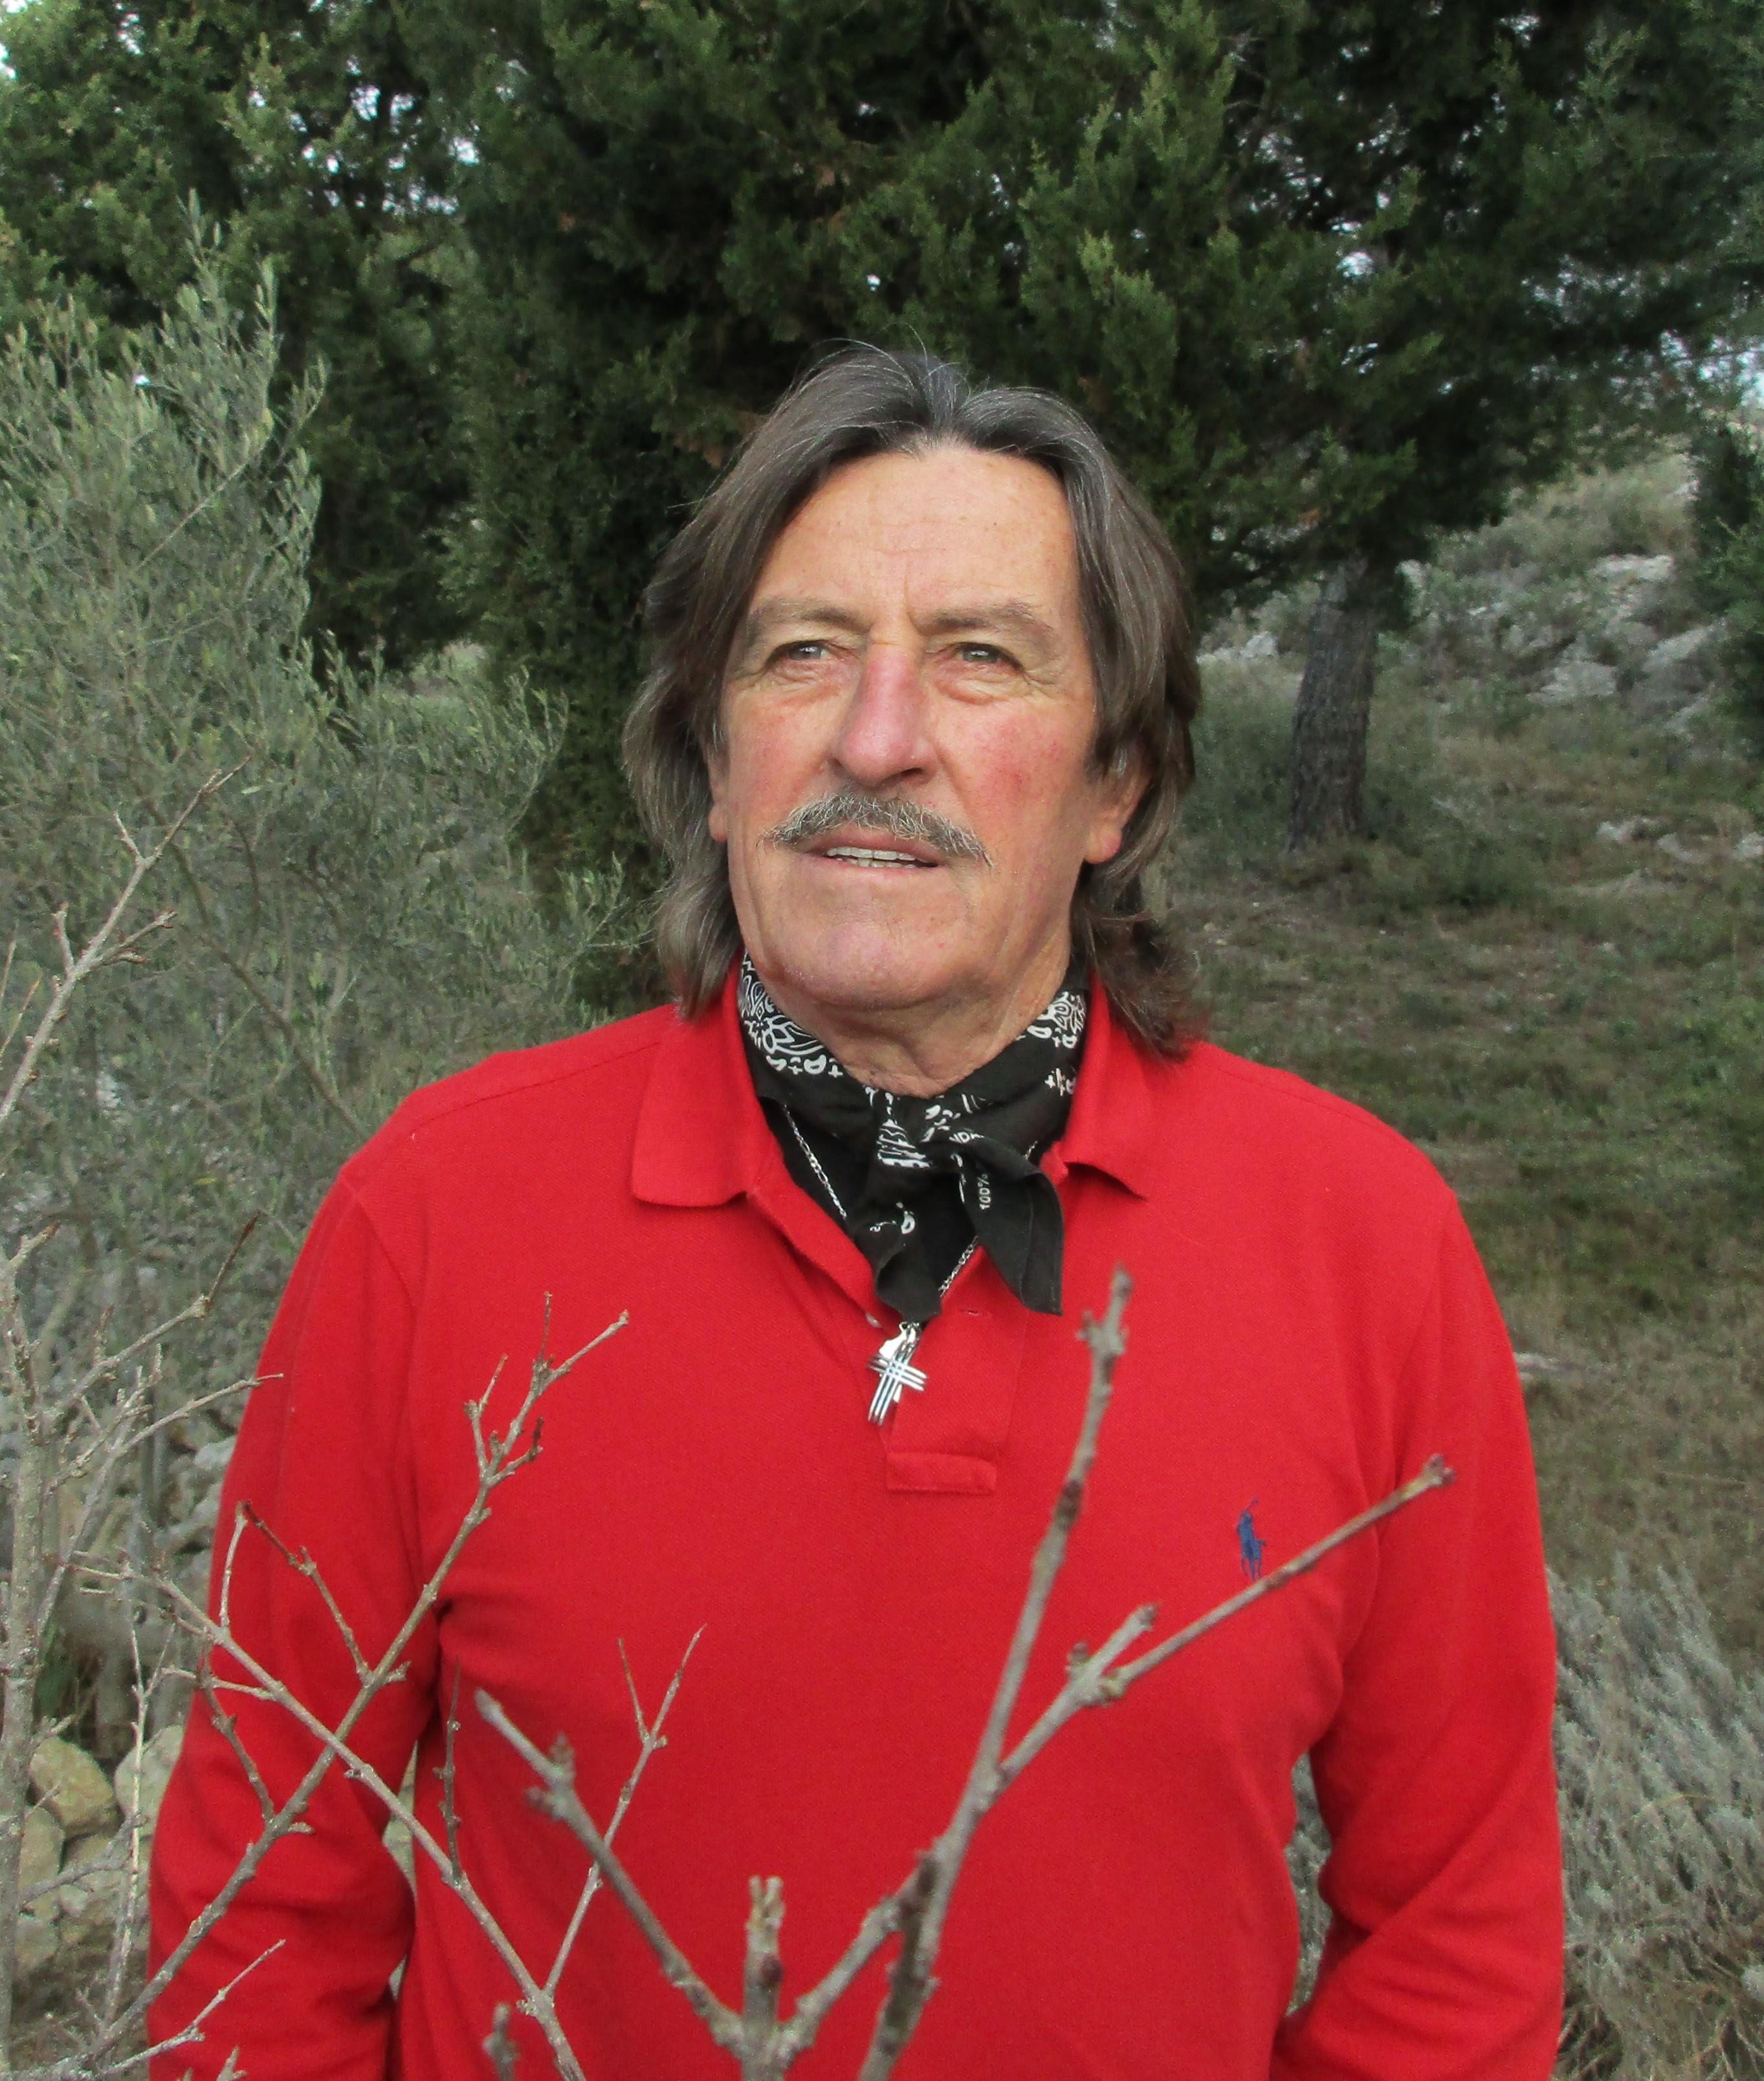 Jean-Pierre Michelot